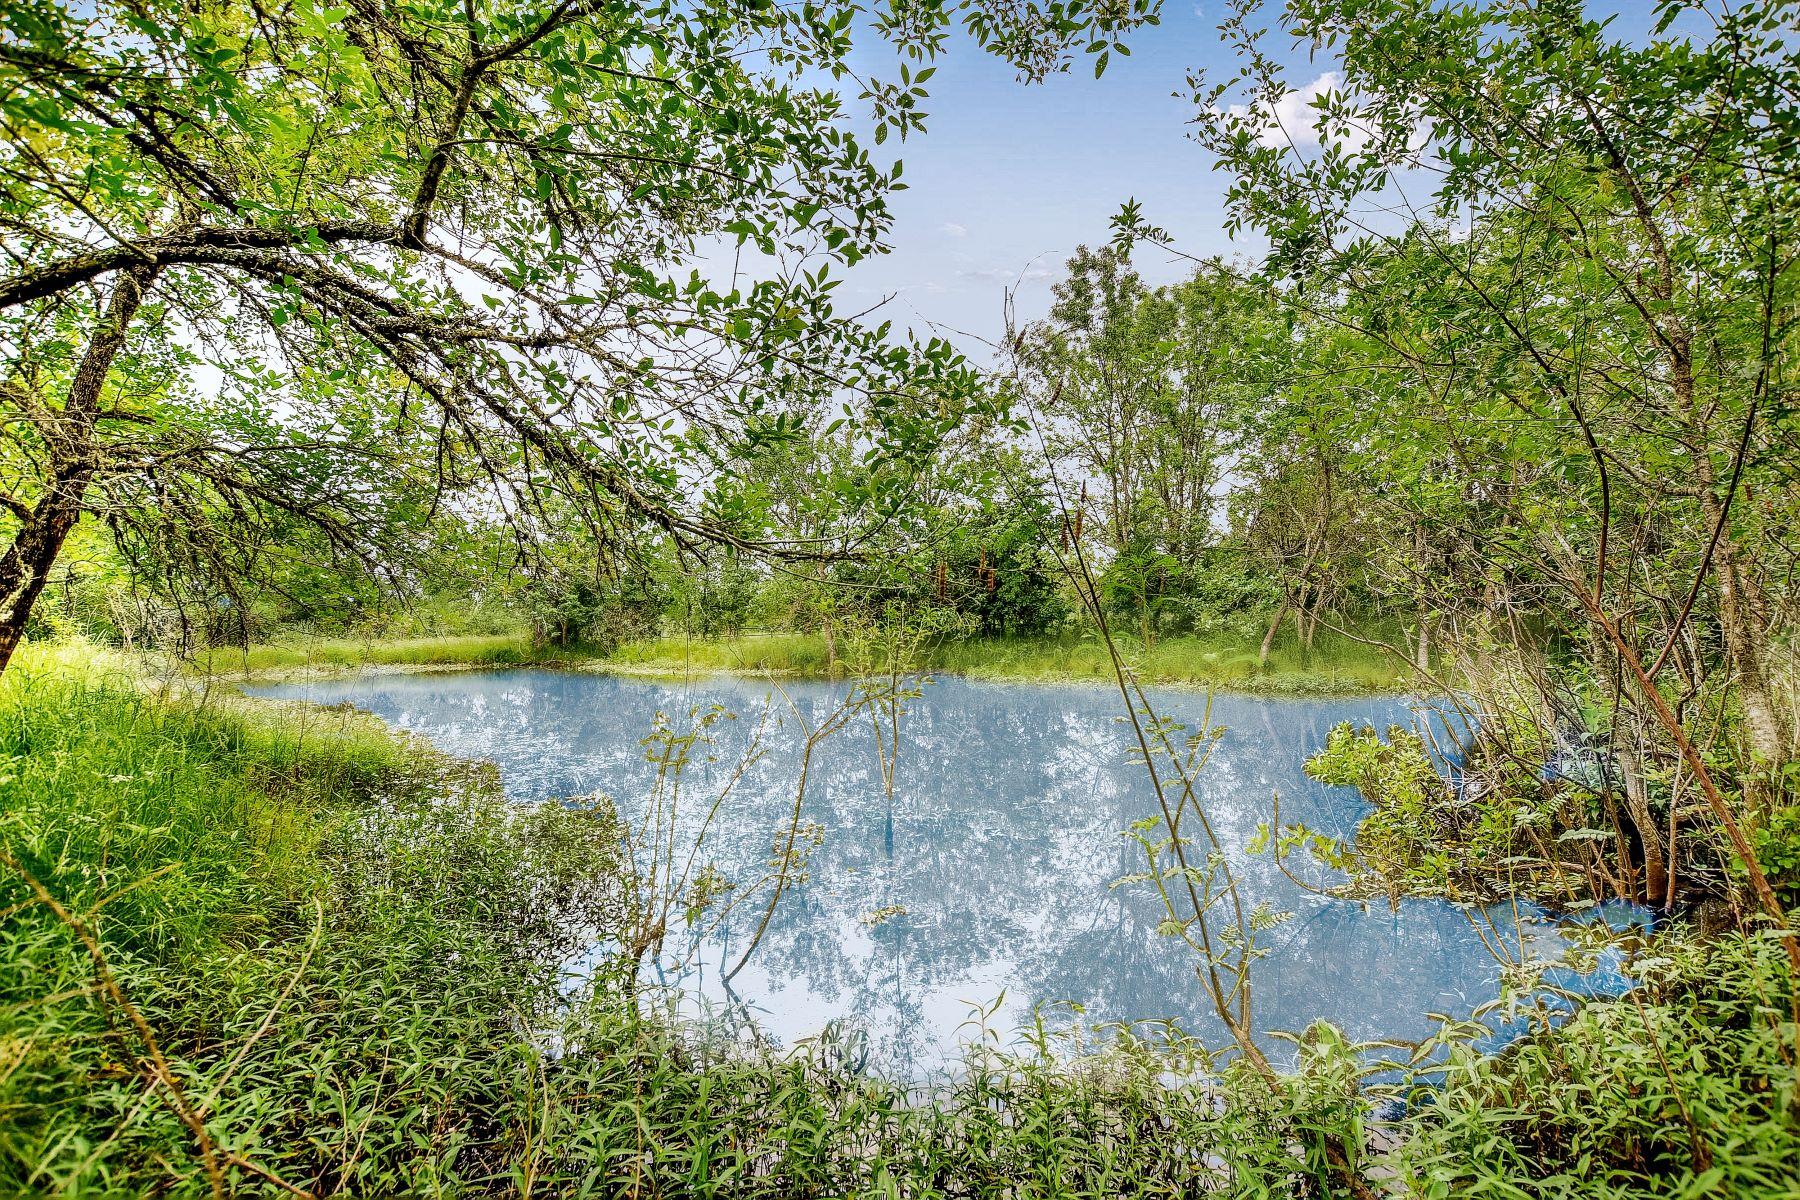 Farm / Ranch / Plantation for Sale at Hwy 21, Cedar Creek, TX 78602 Hwy 21 Cedar Creek, Texas 78602 United States